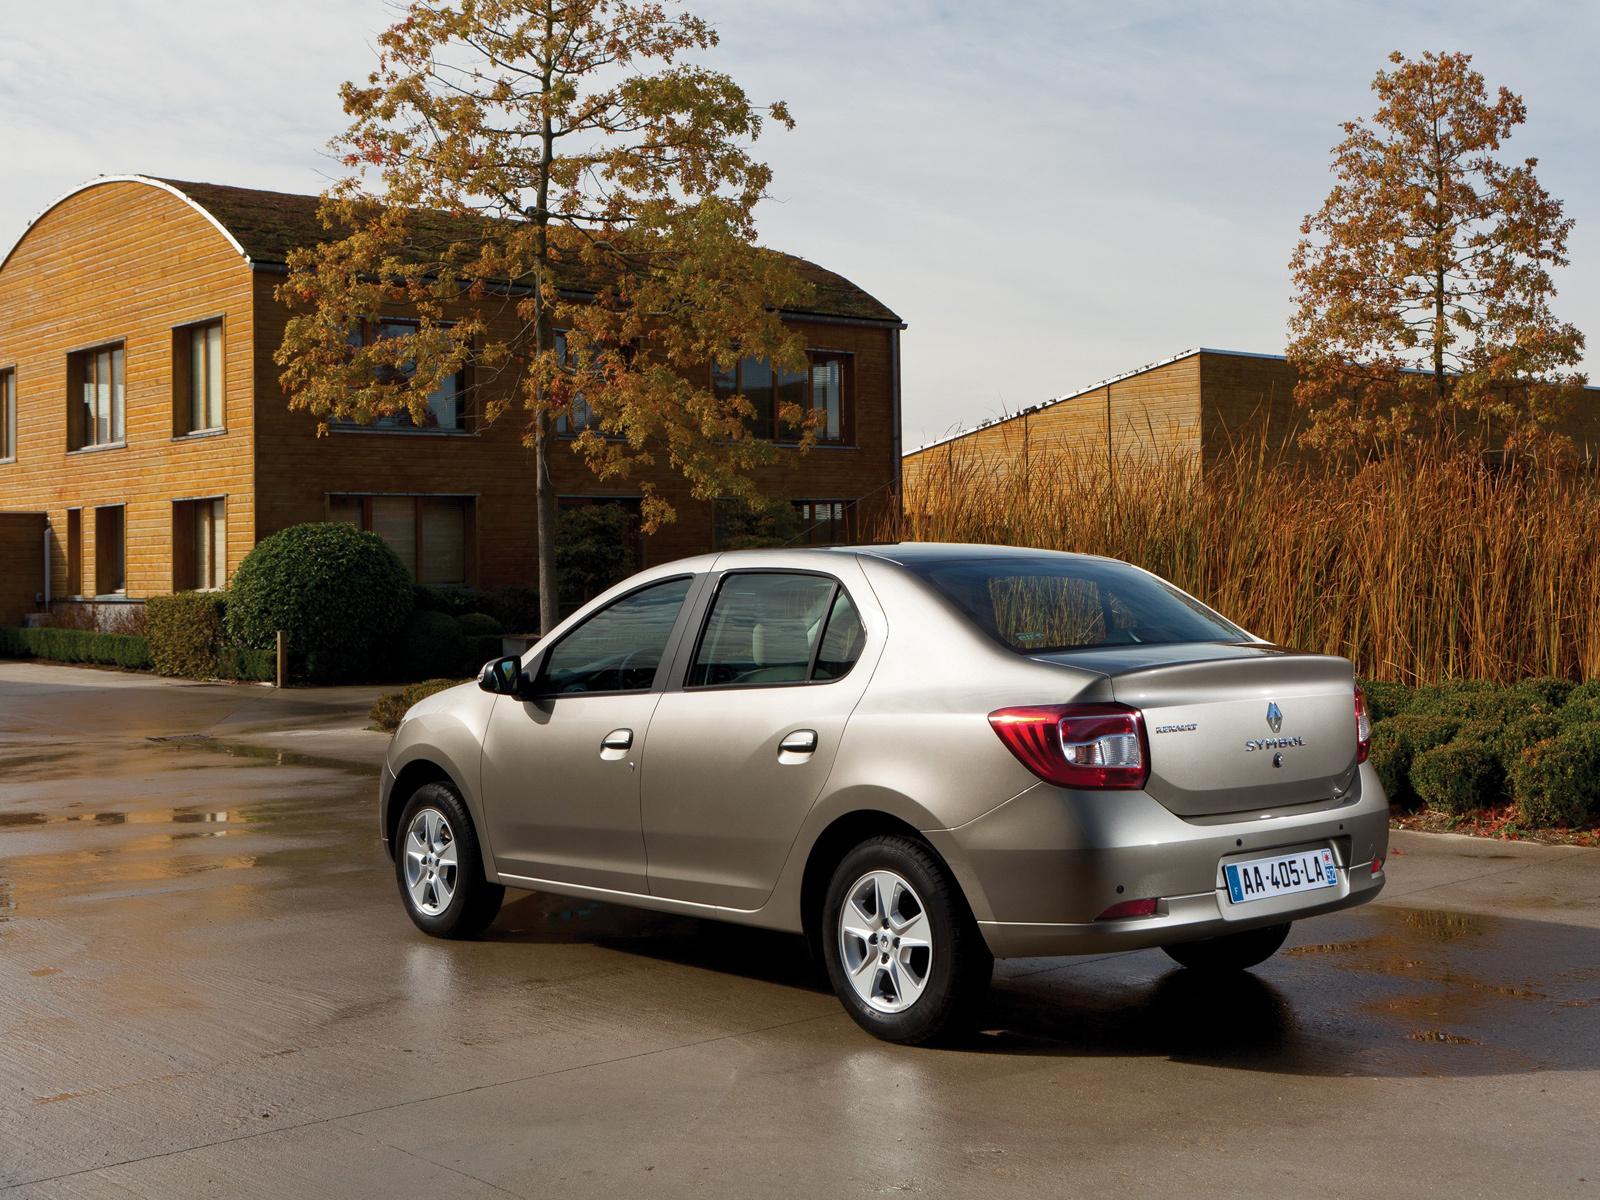 RenaultLogan_2013sedan2